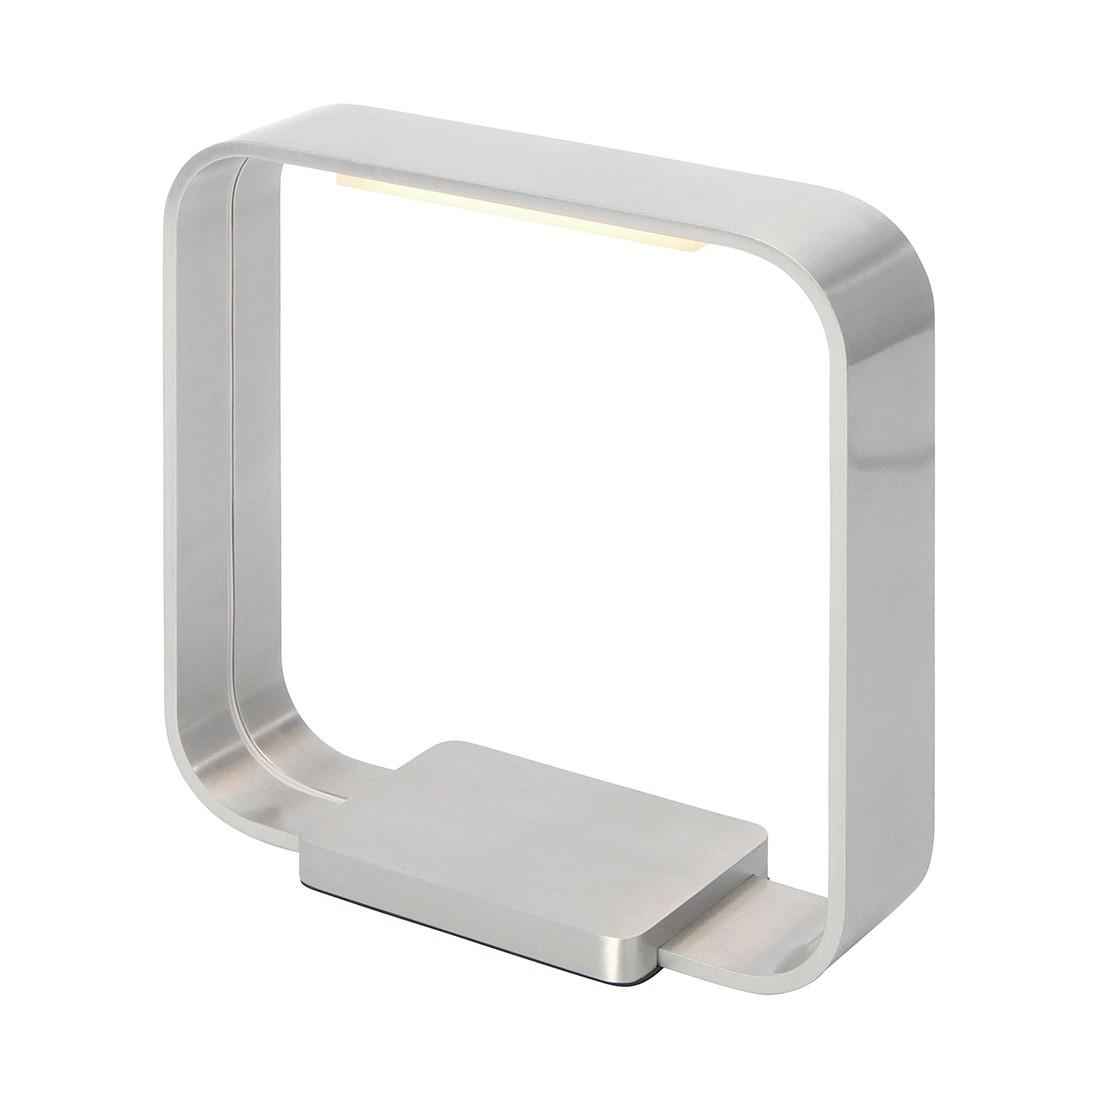 LED-Tischleuchte Cascade 9-flammig ● Nickel matt- Steinhauer A+